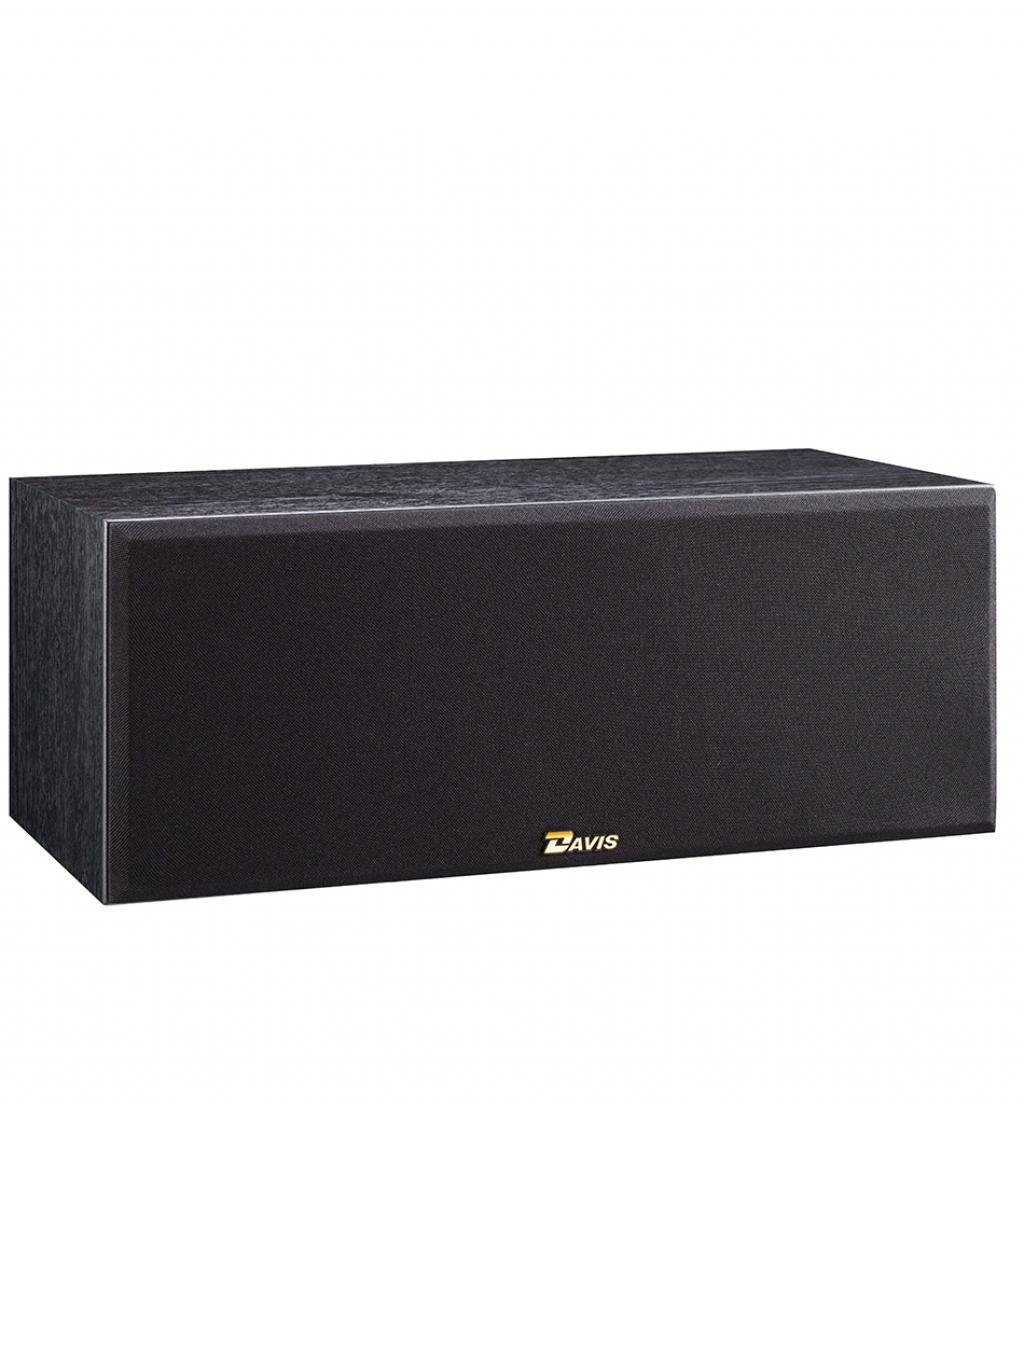 Boxa Davis Acoustics Centrale Dhavani Black Ash